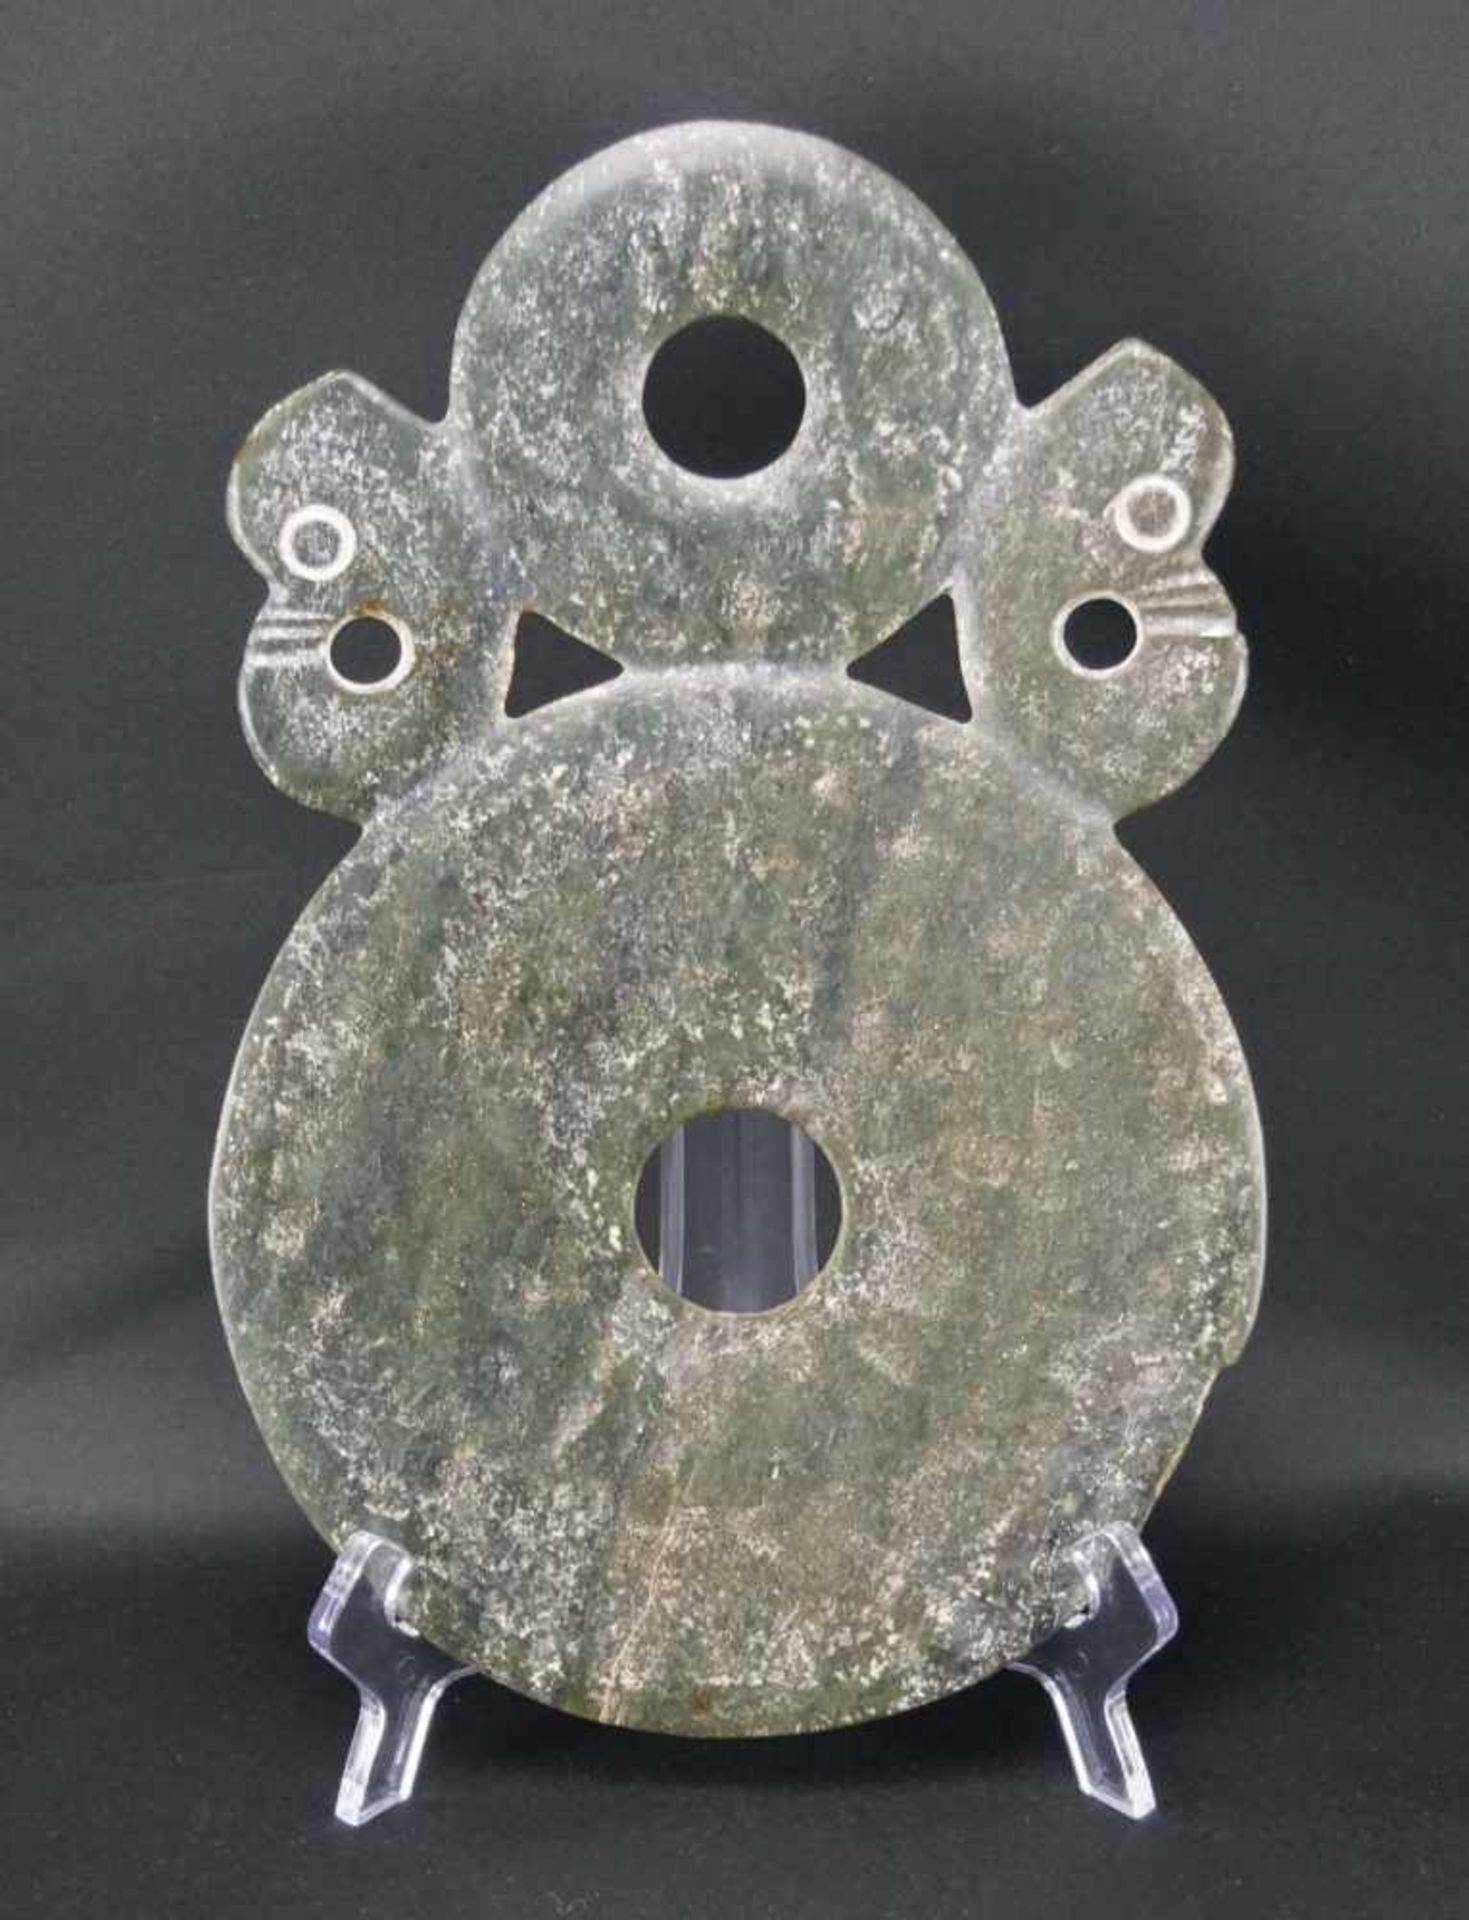 Große Bischeibedunkelgrüne Jade, Durchmesser der großen Scheibe 19 cm, Gesamtmaß Länge 29 cm x